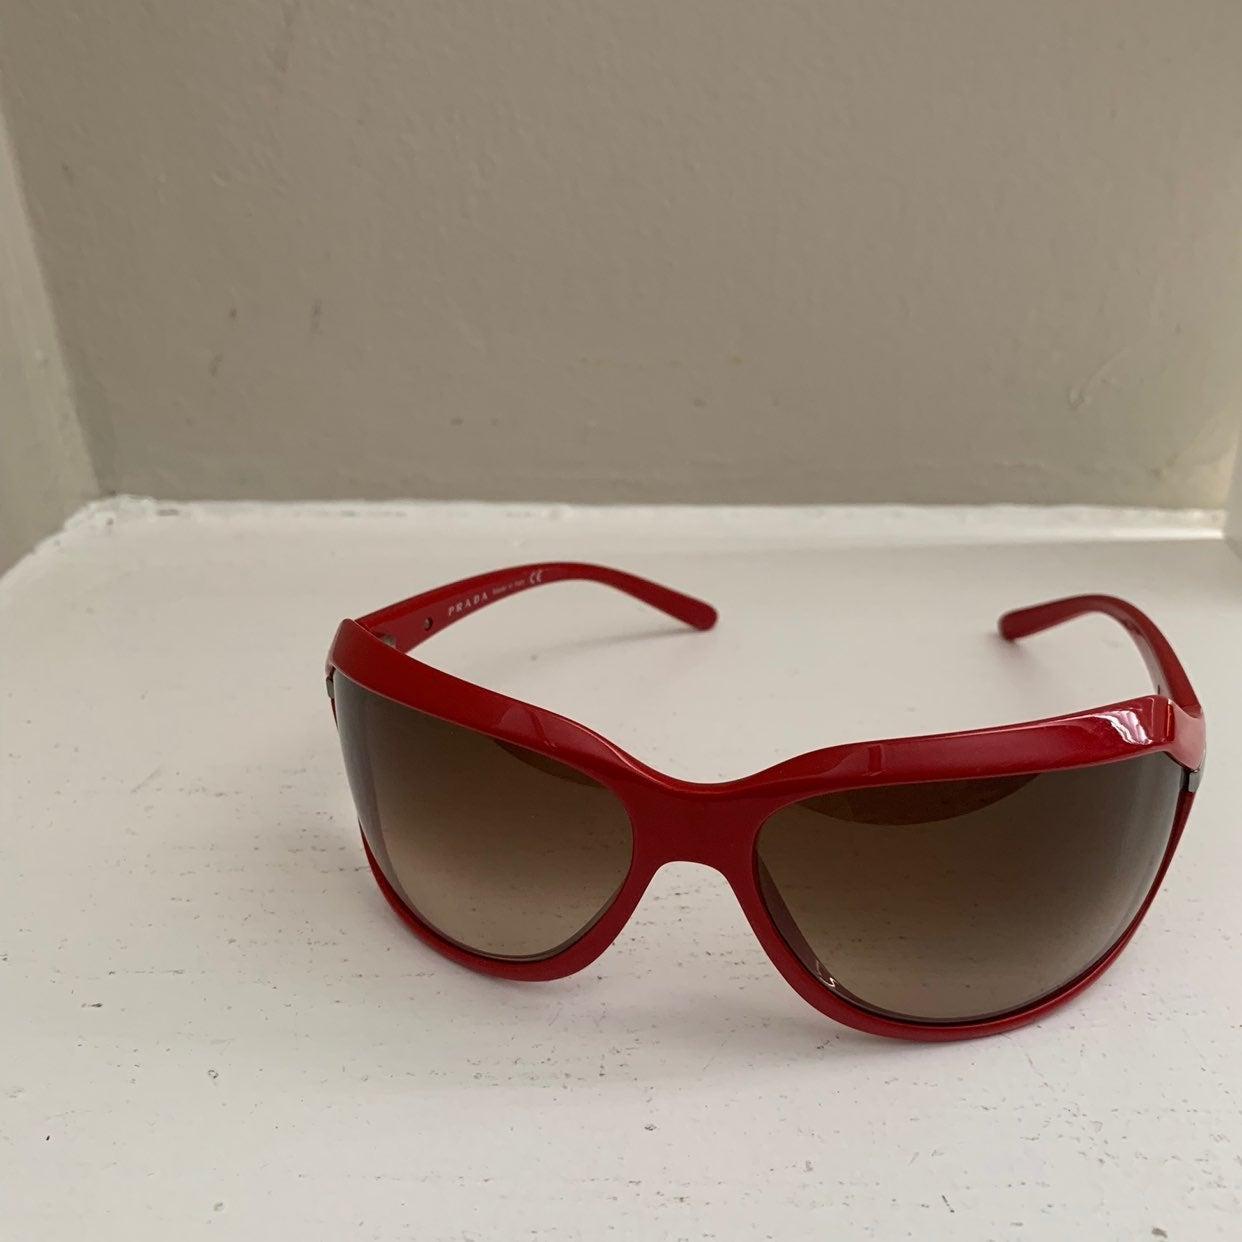 Prada SPR 14G 72 16 OBU-6S1 Sunglasses